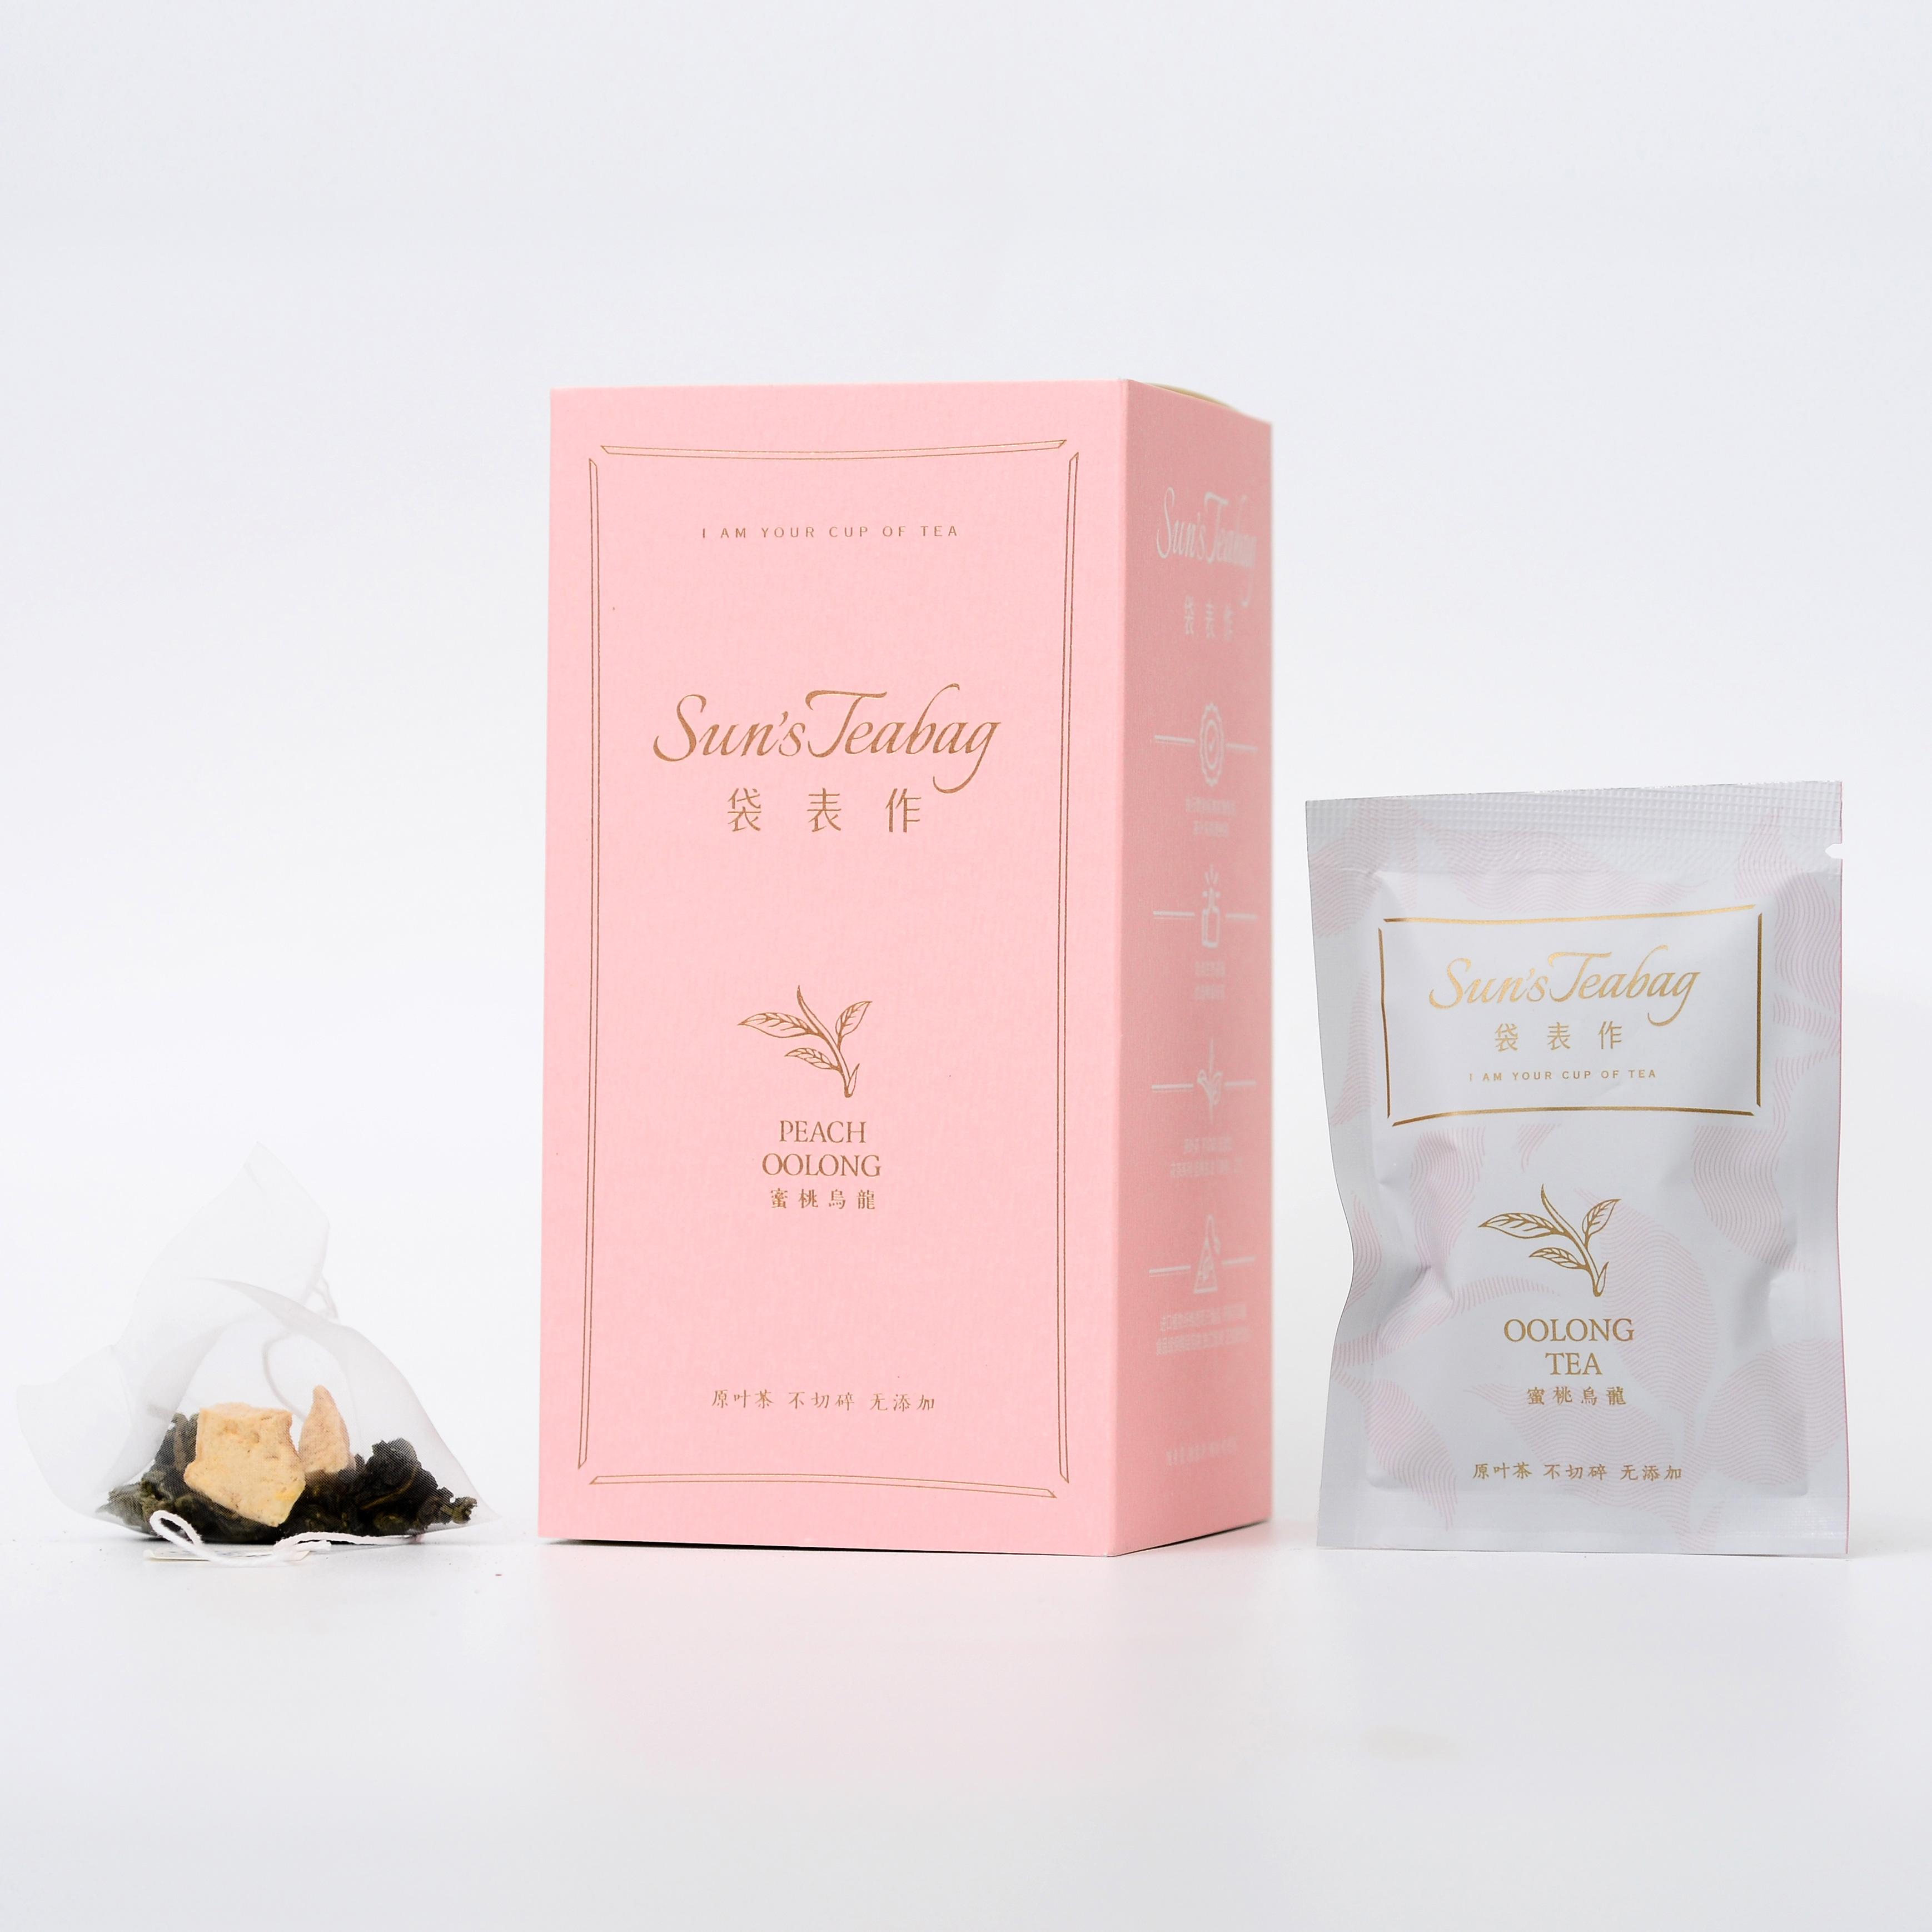 包装袋表作袋泡茶包邮10无香精天然水蜜桃混搭铁观音蜜桃乌龙